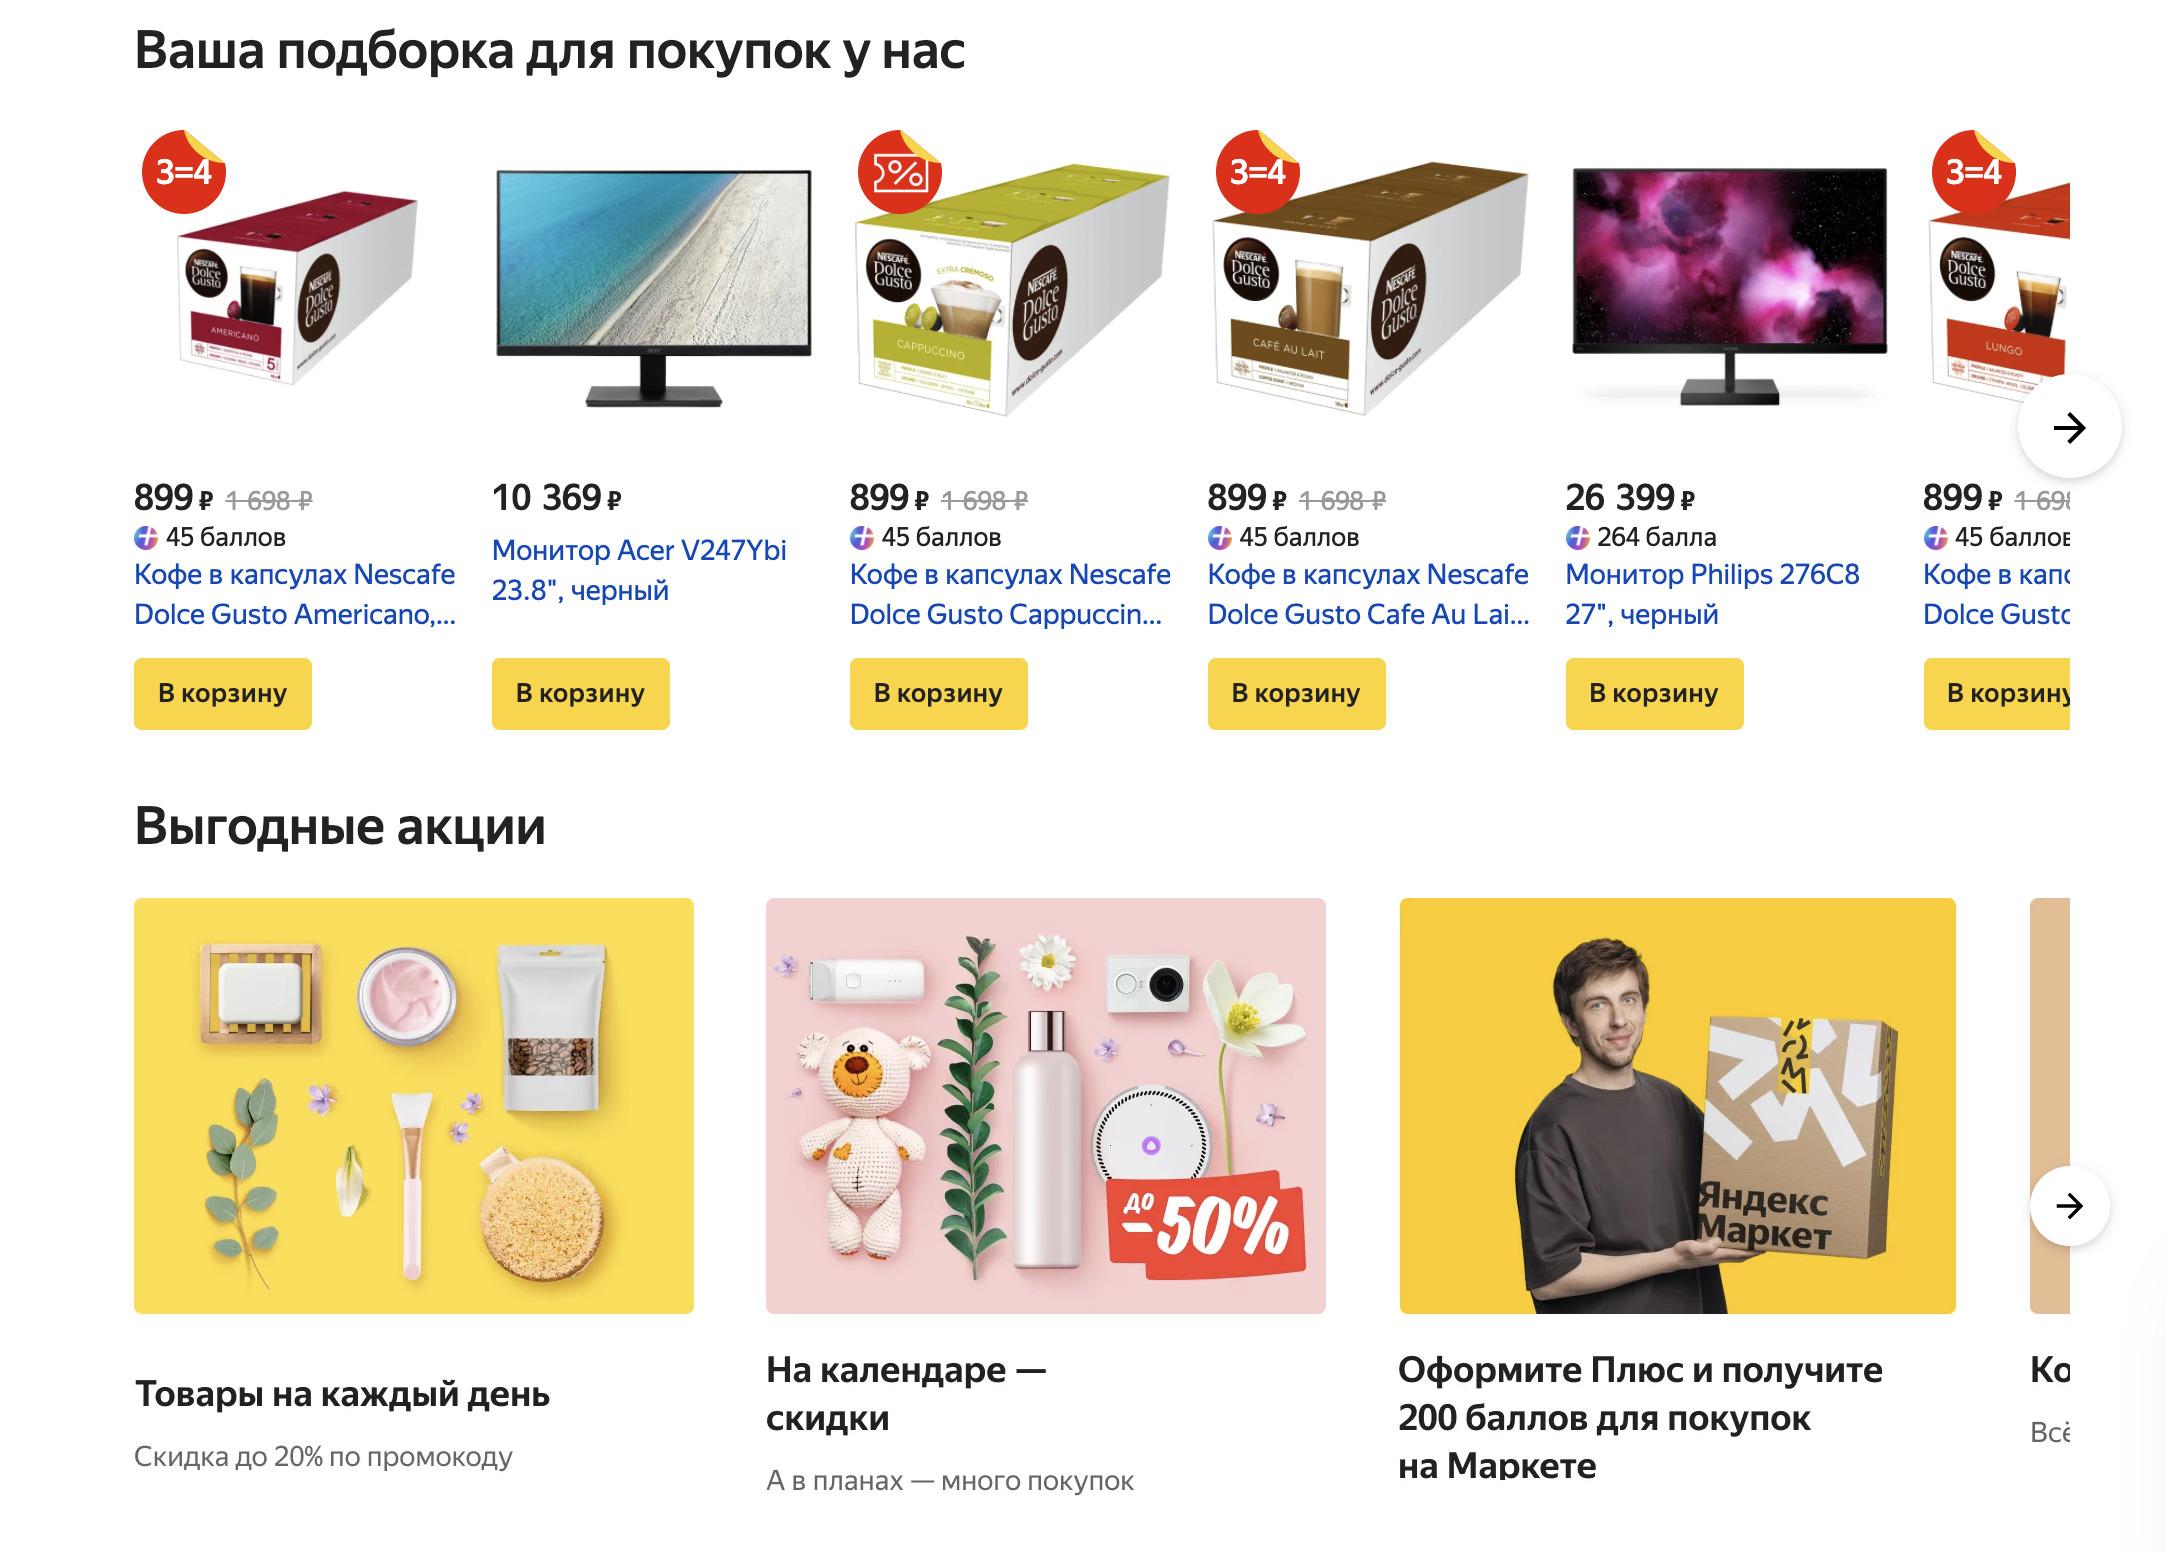 Доставка из Яндекс.Маркет в Киров, сроки, пункты выдачи, каталог